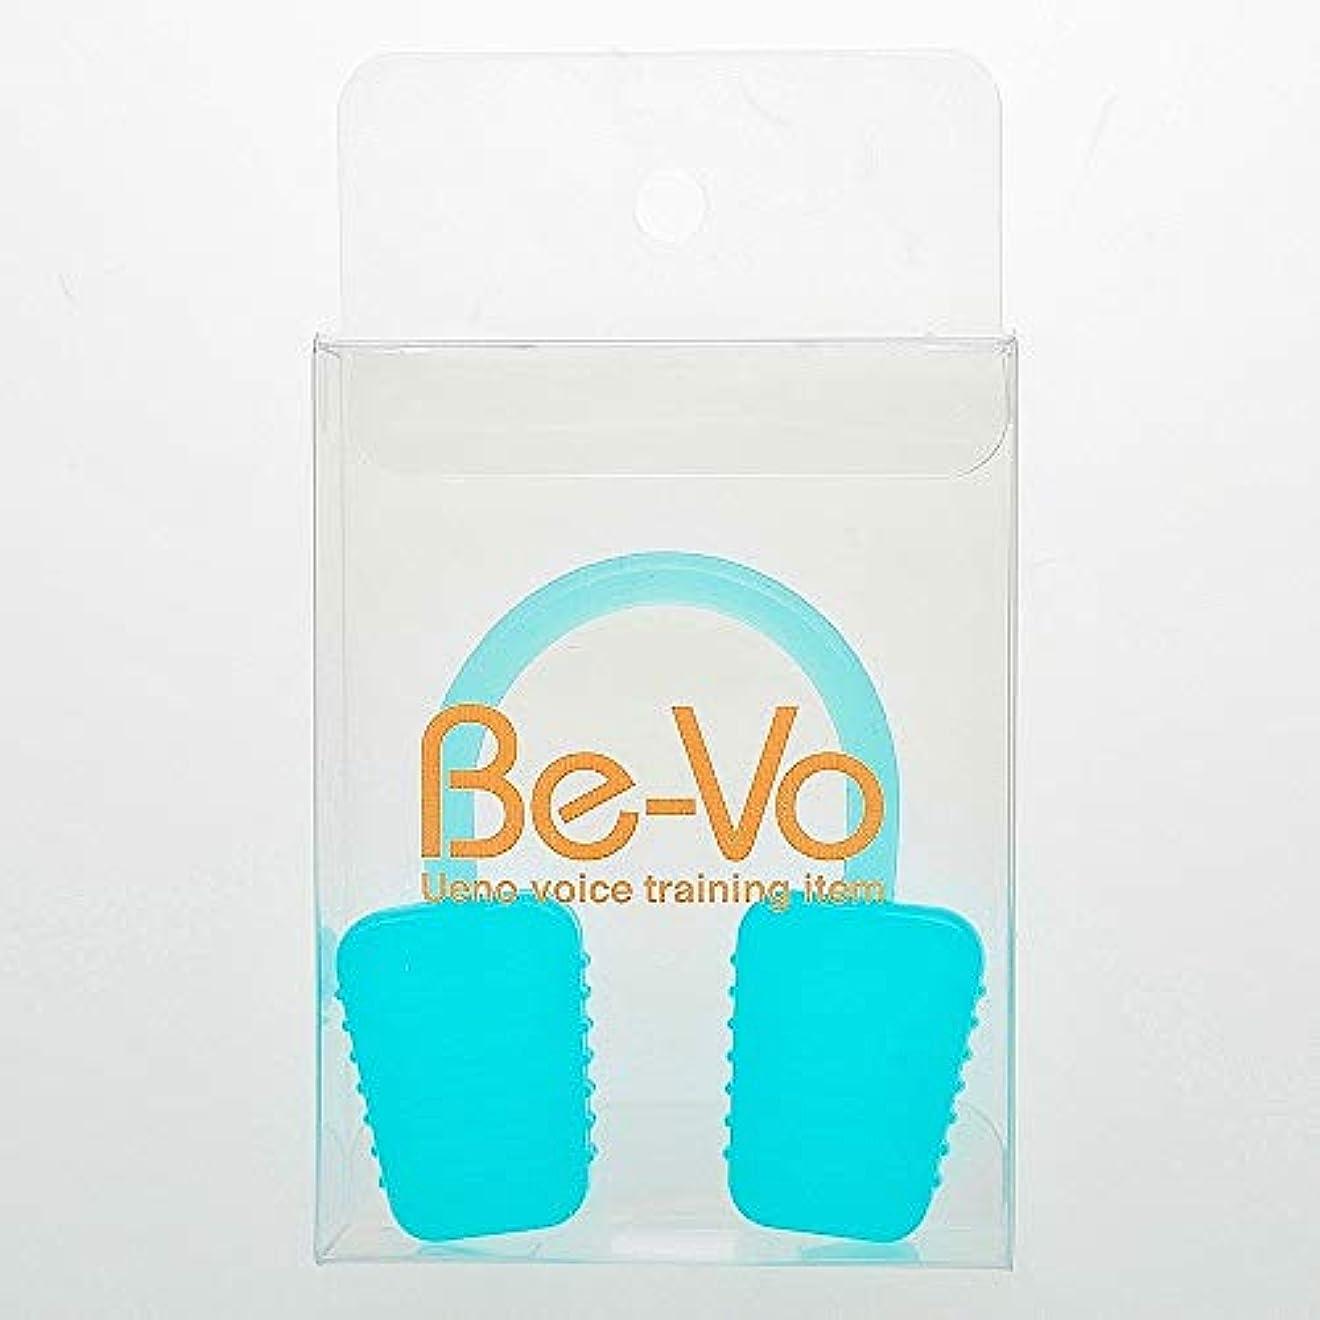 編集する橋脚バストBe-Vo (ビーボ) ボイストレーニング器具 自宅で簡単ボイトレグッズ (ブルー)